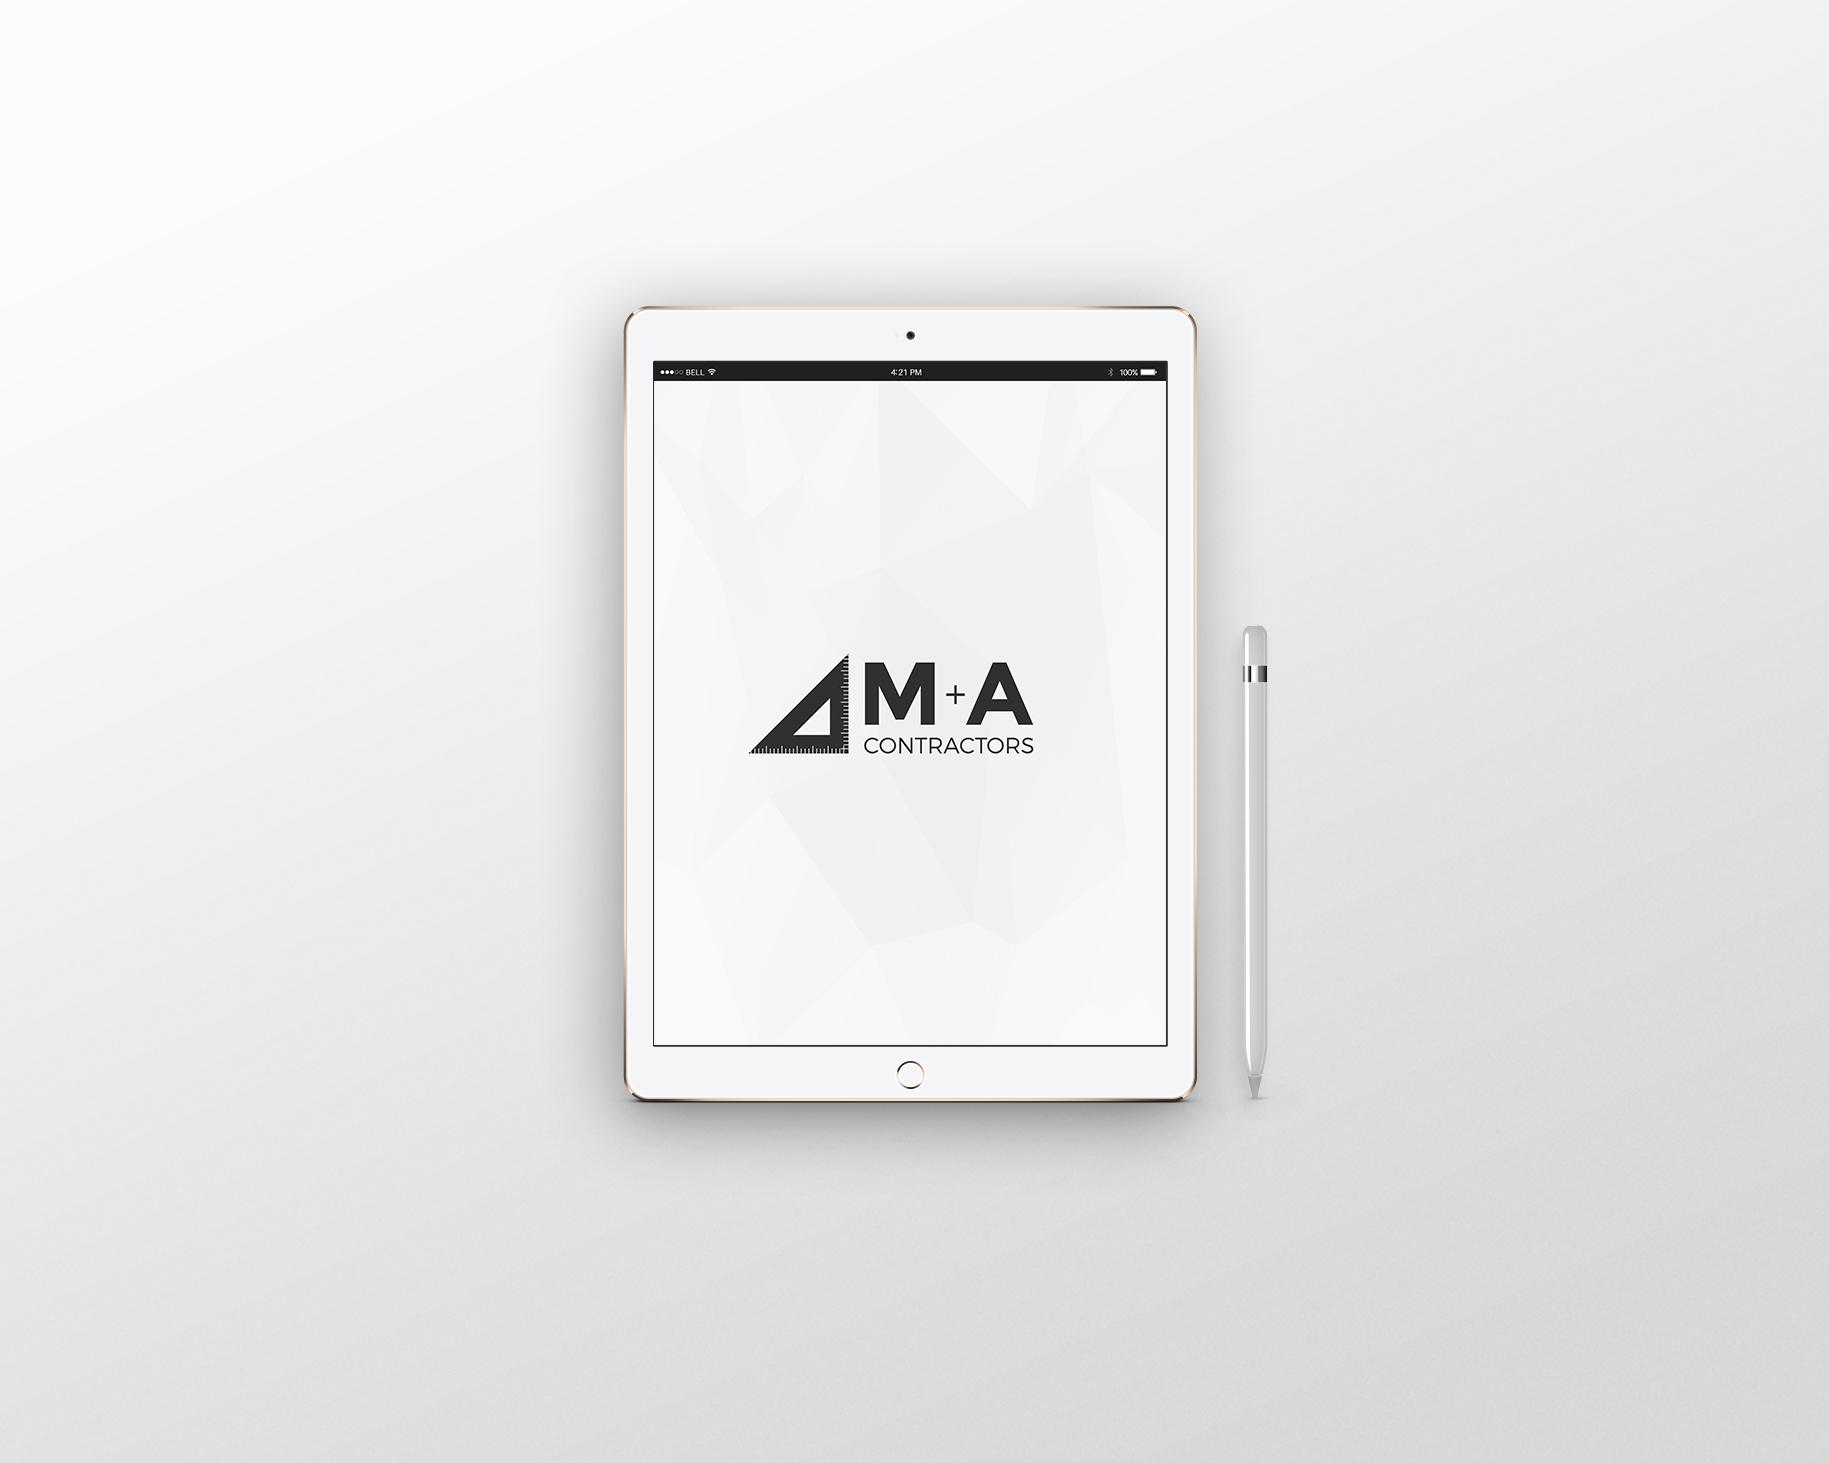 Construction Logo Design Services